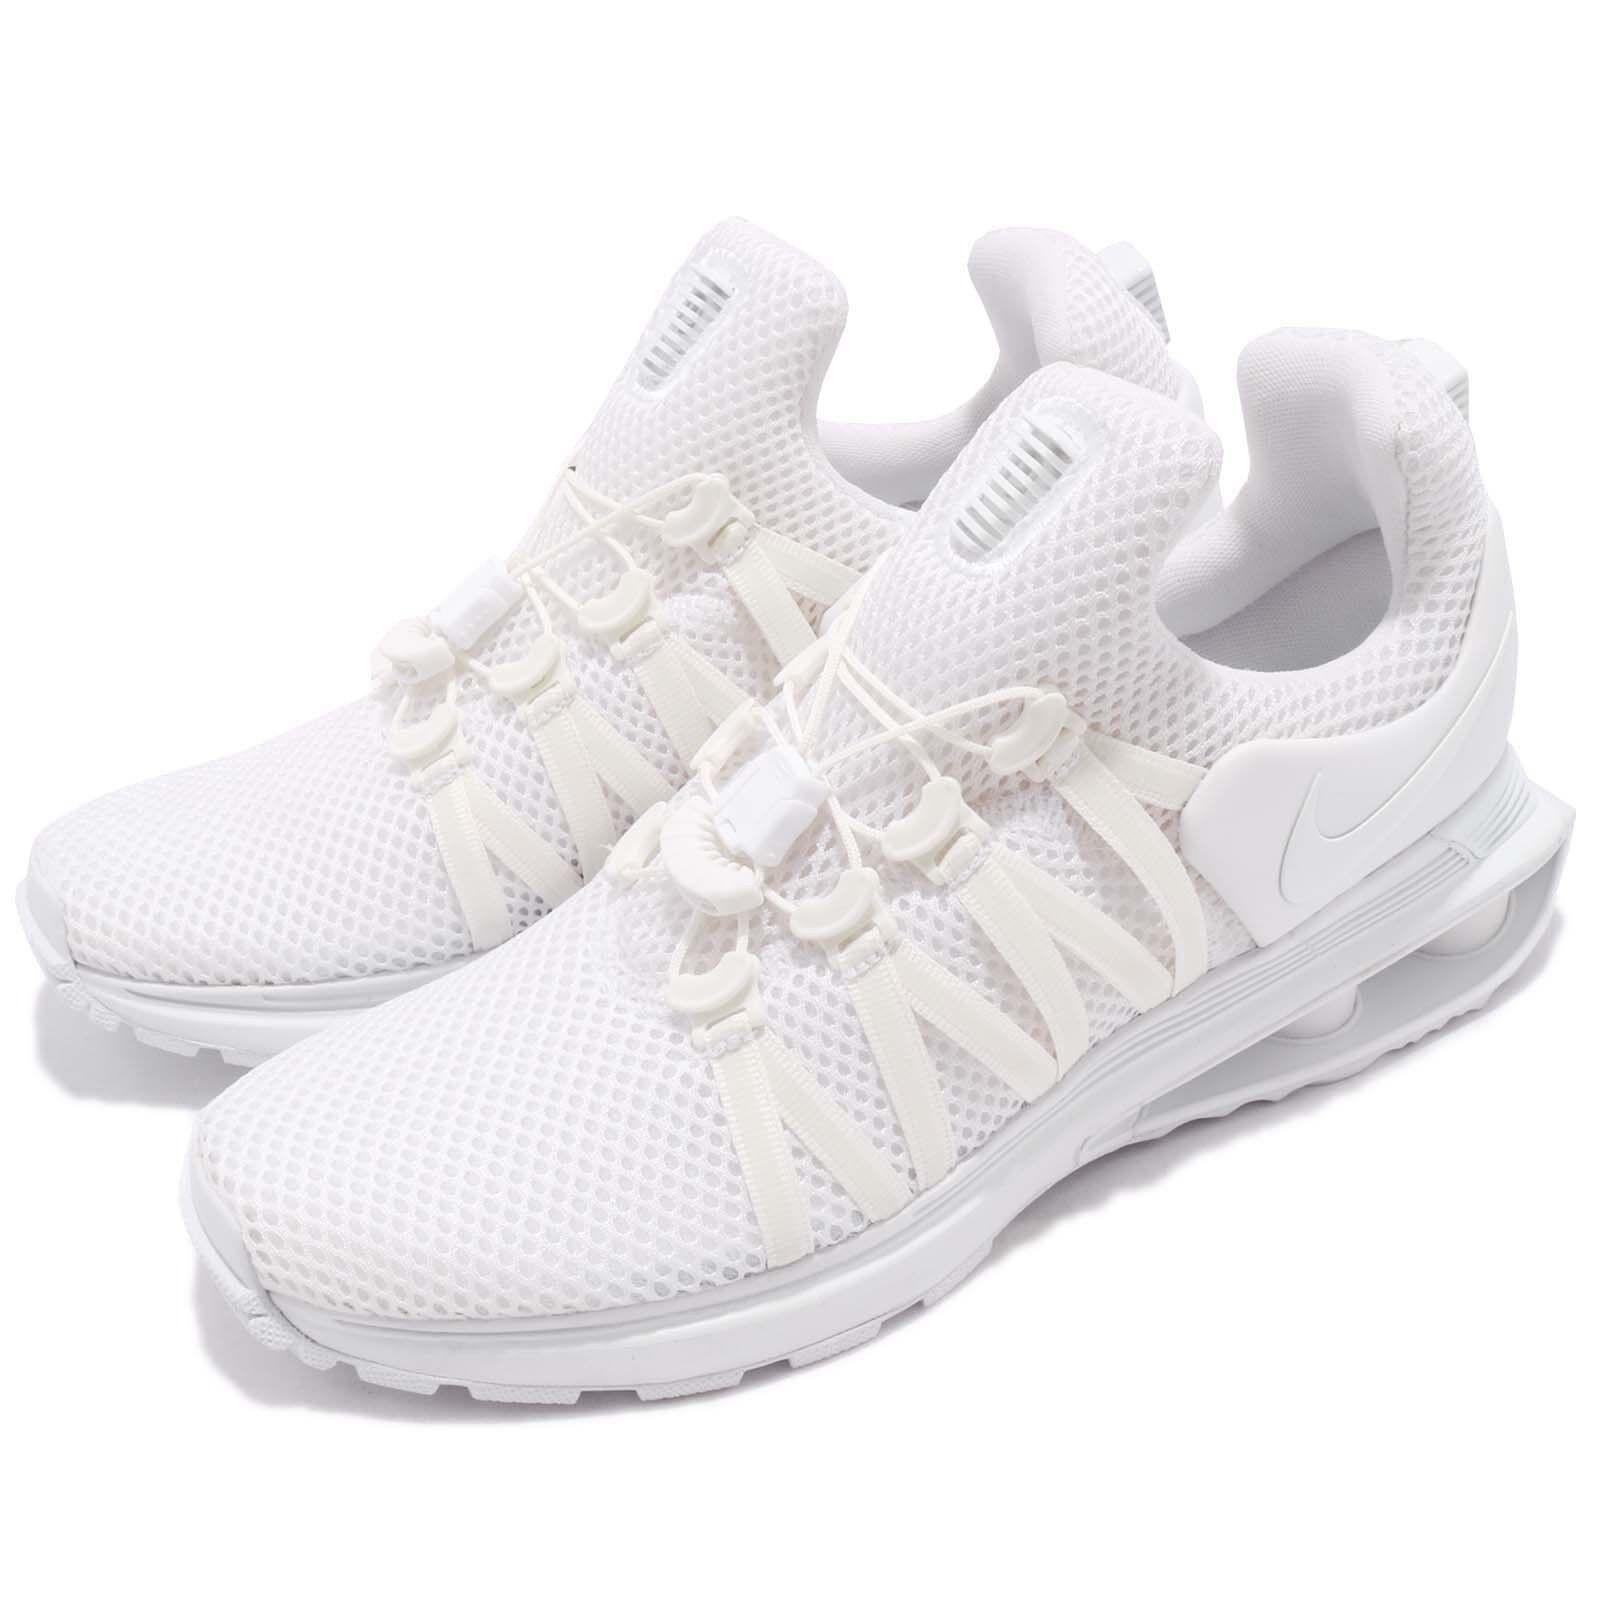 Nike Wmns Shox Gravity Triple White Women Running Shoes Sneakers AQ8554-100